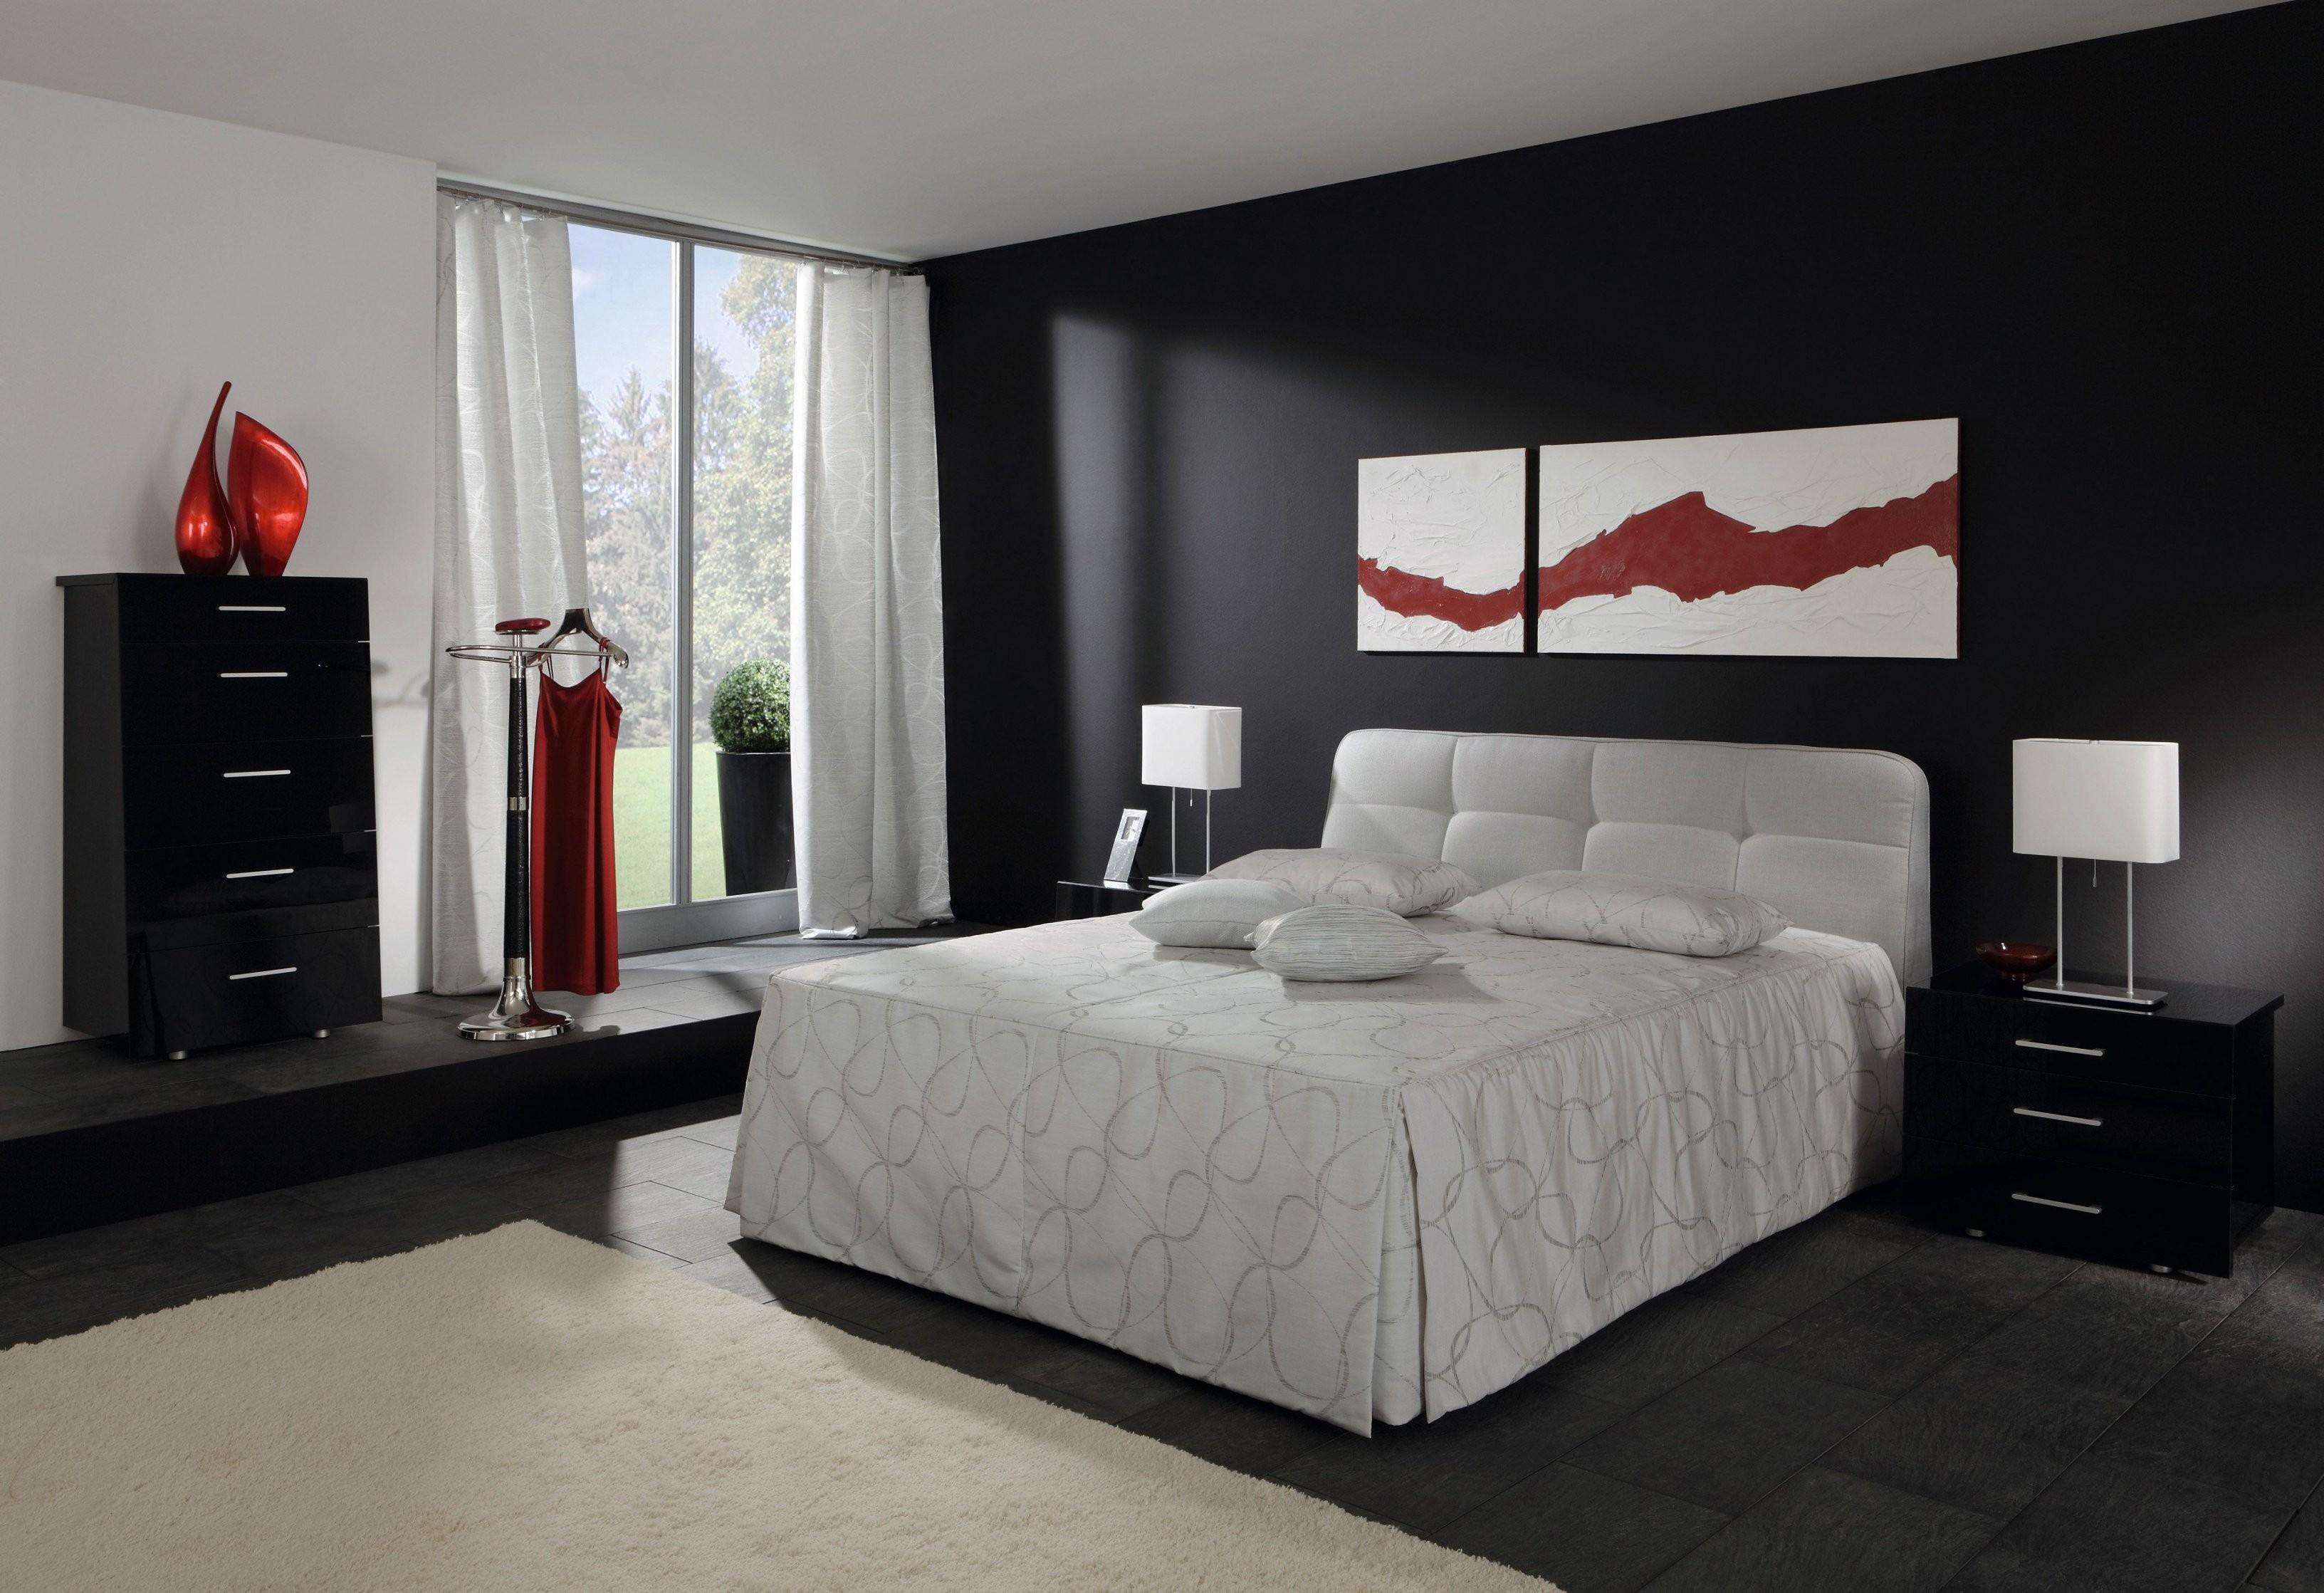 Ruf Composium Polsterbett Mit Bettkasten  Möbel Letz  Ihr Onlineshop von Ruf Bett Mit Bettkasten Bild